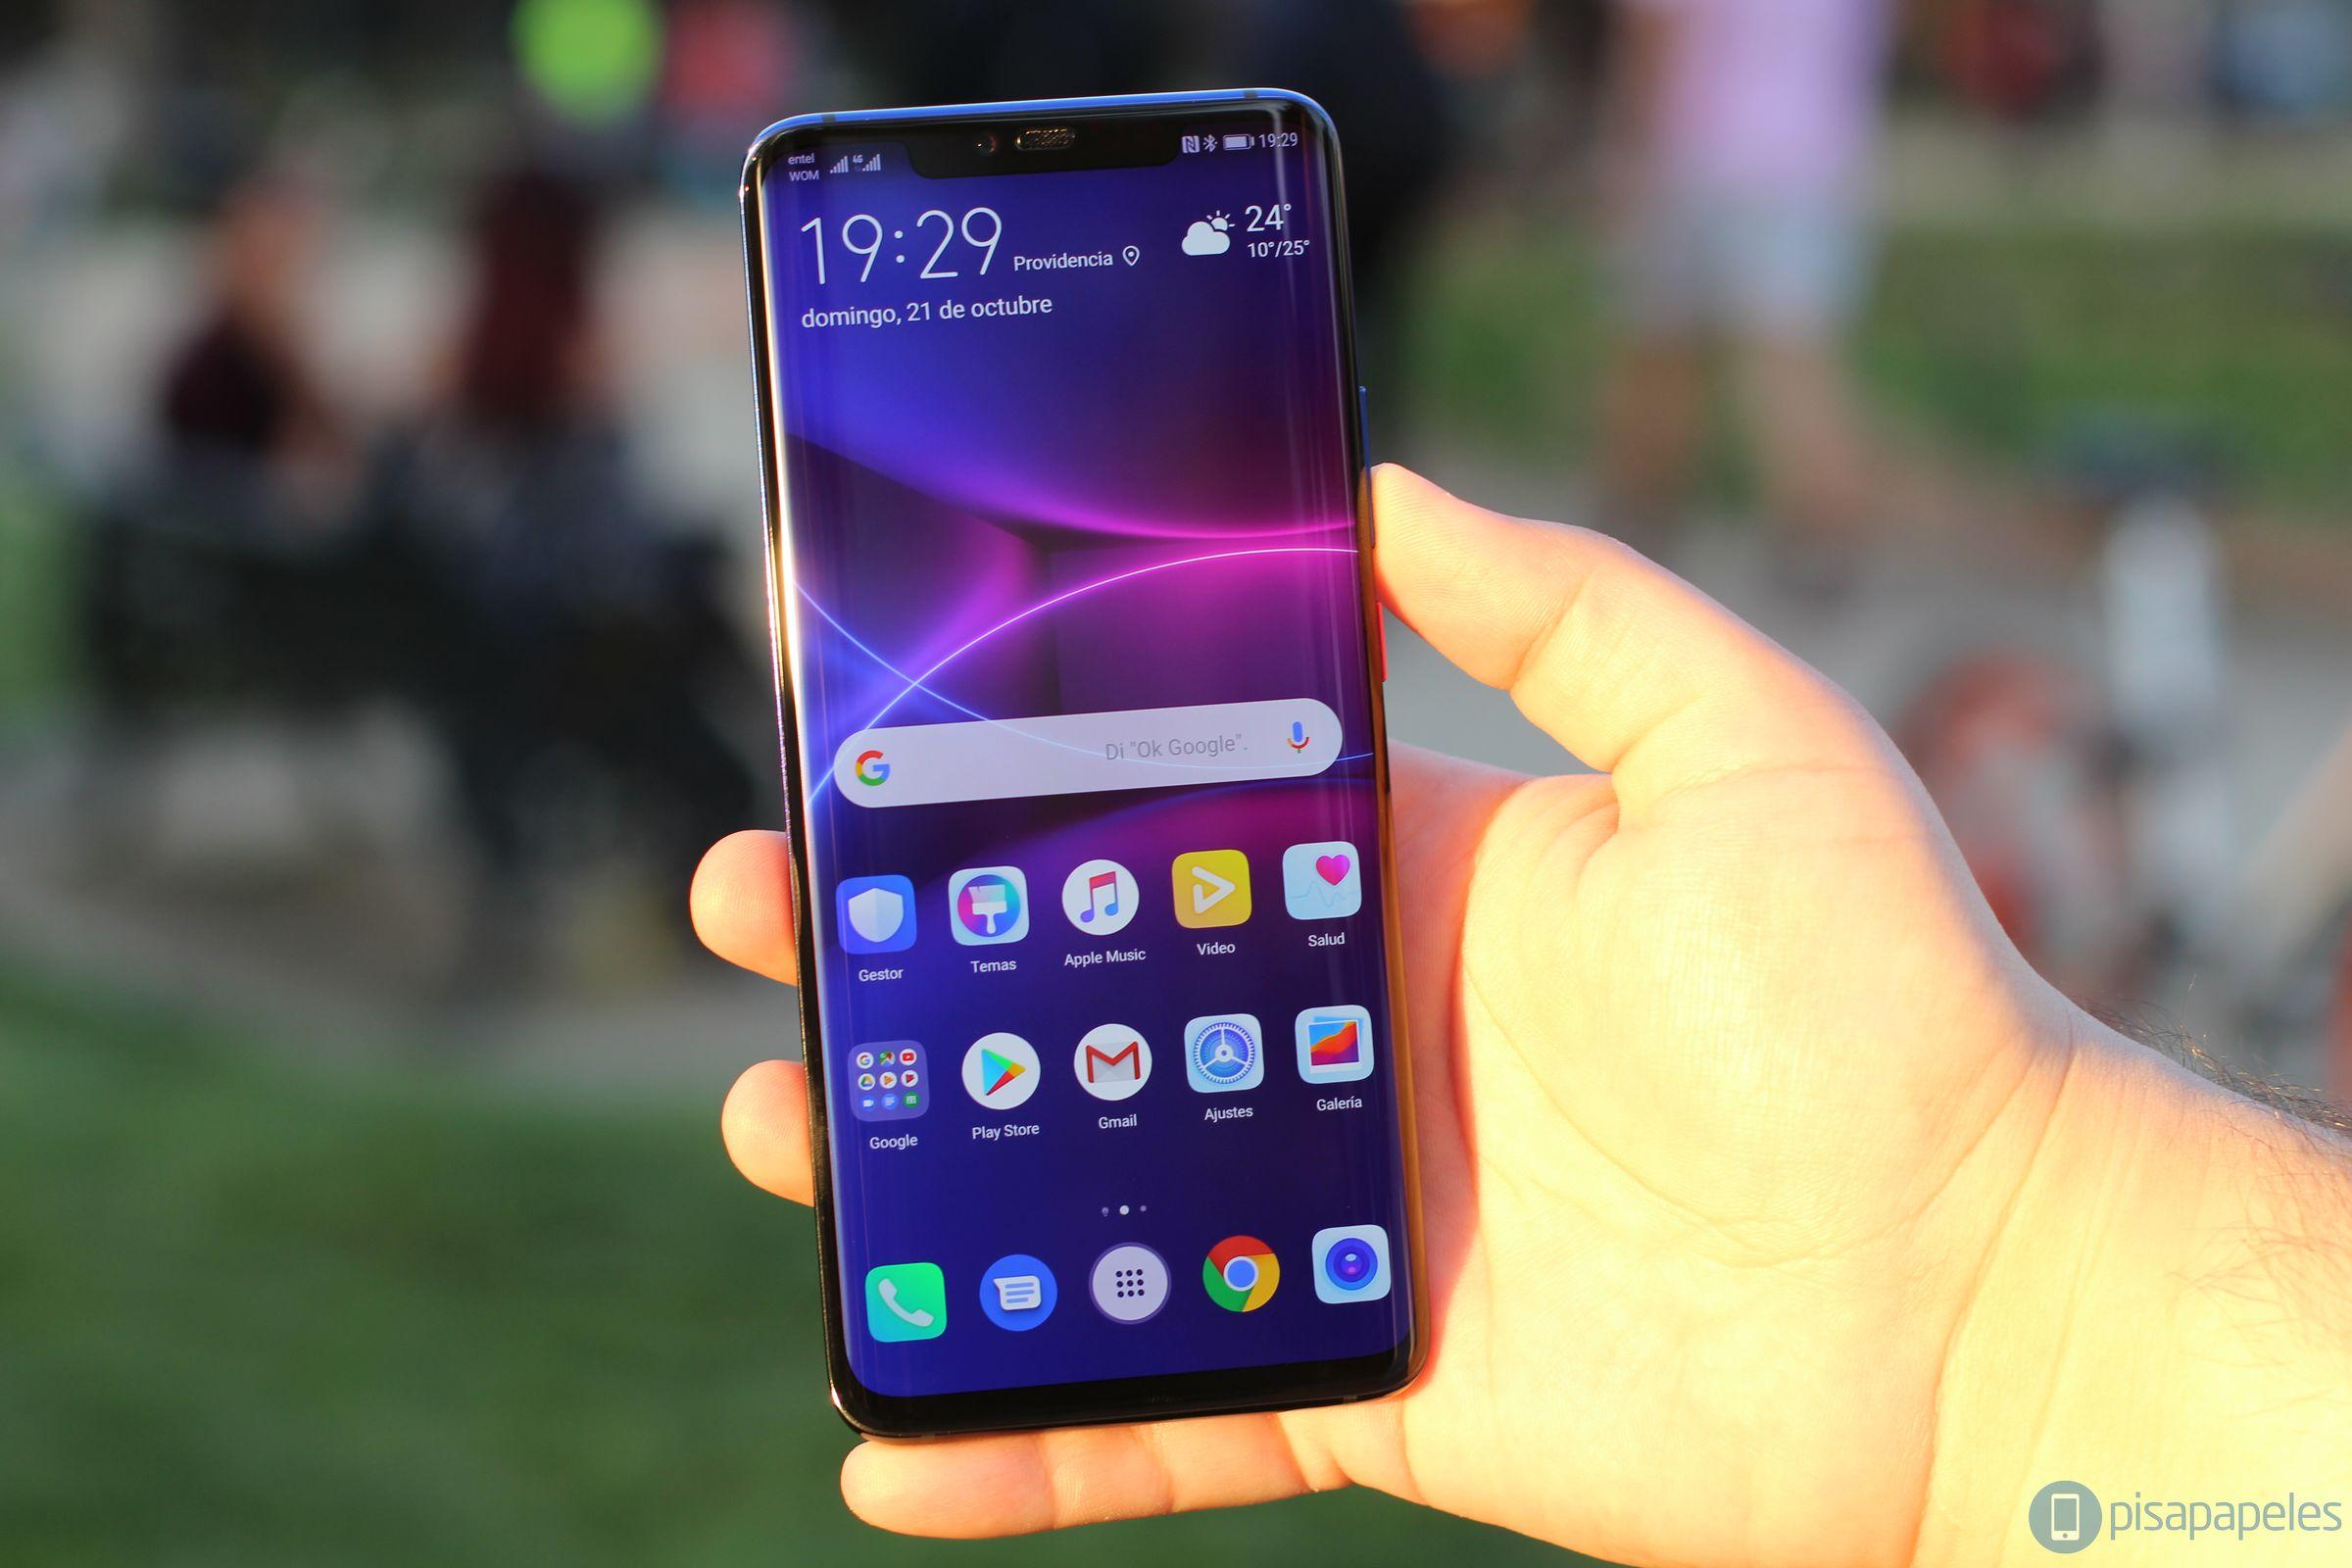 يمكن أن يشتمل Huawei P30 و P30 Pro التالي على قارئ بصمات الأصابع على الشاشة 3